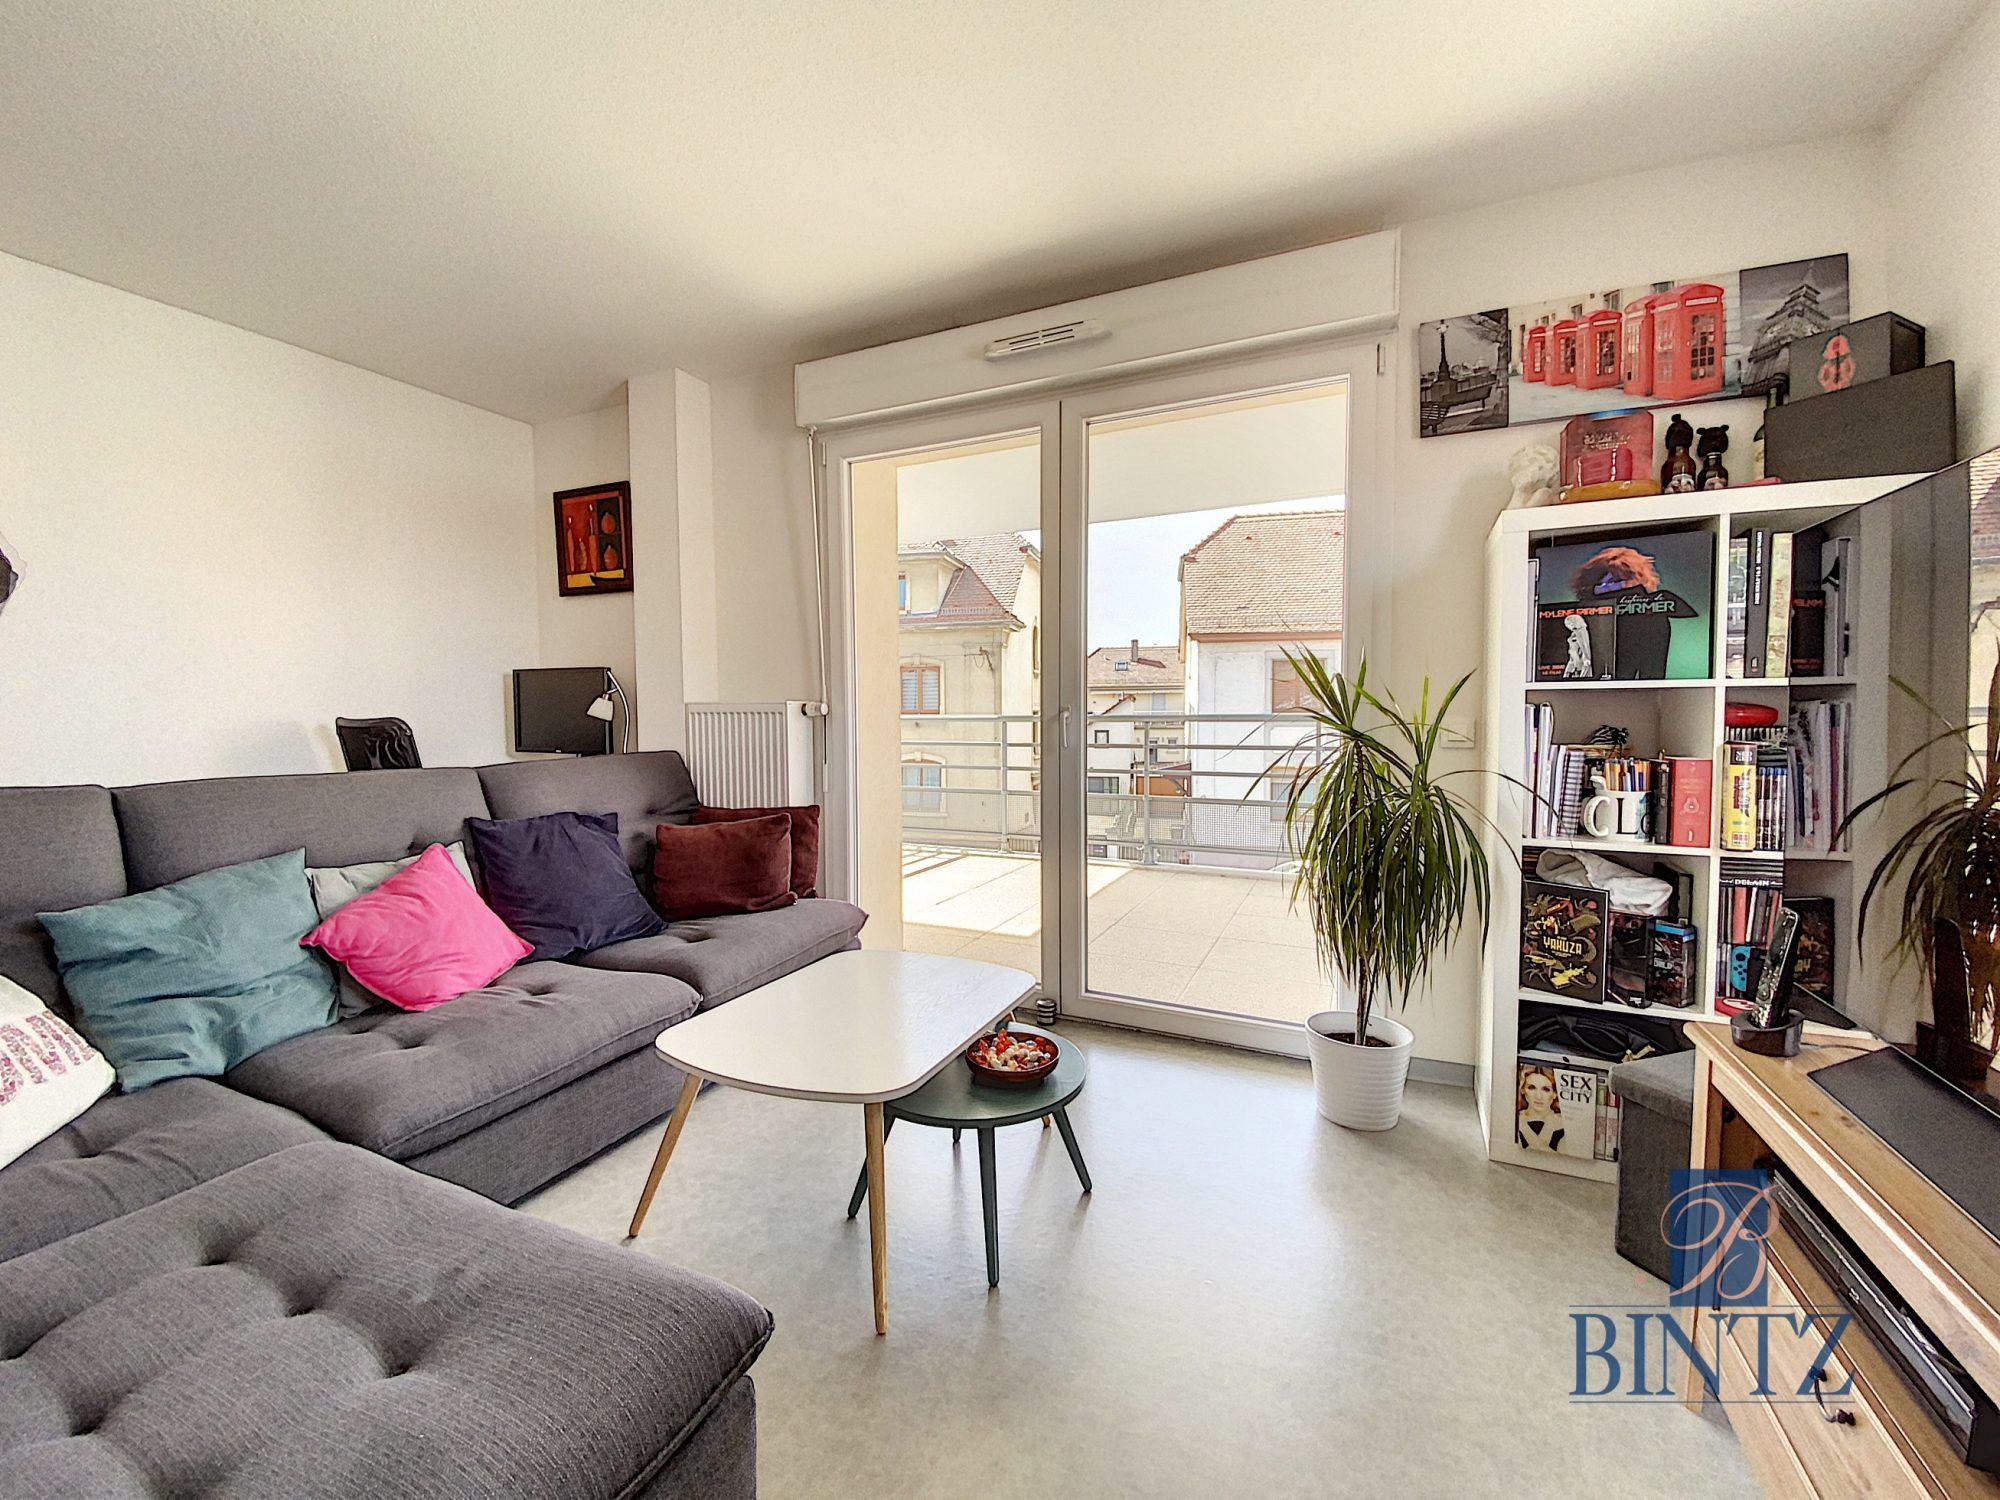 3 pièces neuf avec terrasse Schiltigheim - Devenez propriétaire en toute confiance - Bintz Immobilier - 8